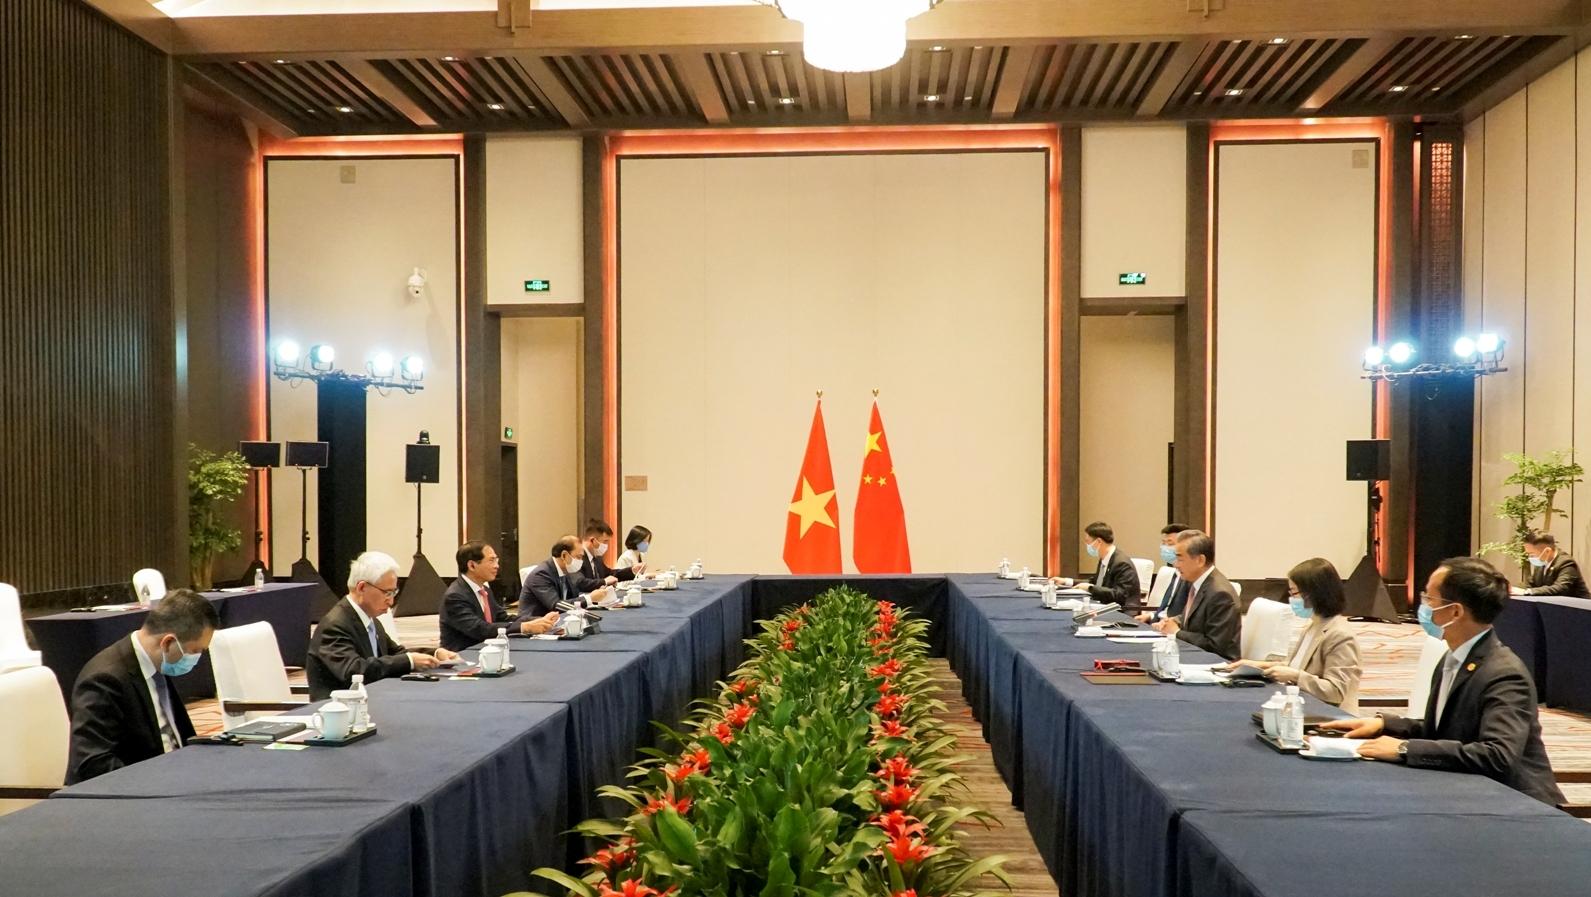 Việt Nam đề nghị cùng Trung Quốc tìm giải pháp lâu dài cho Biển Đông